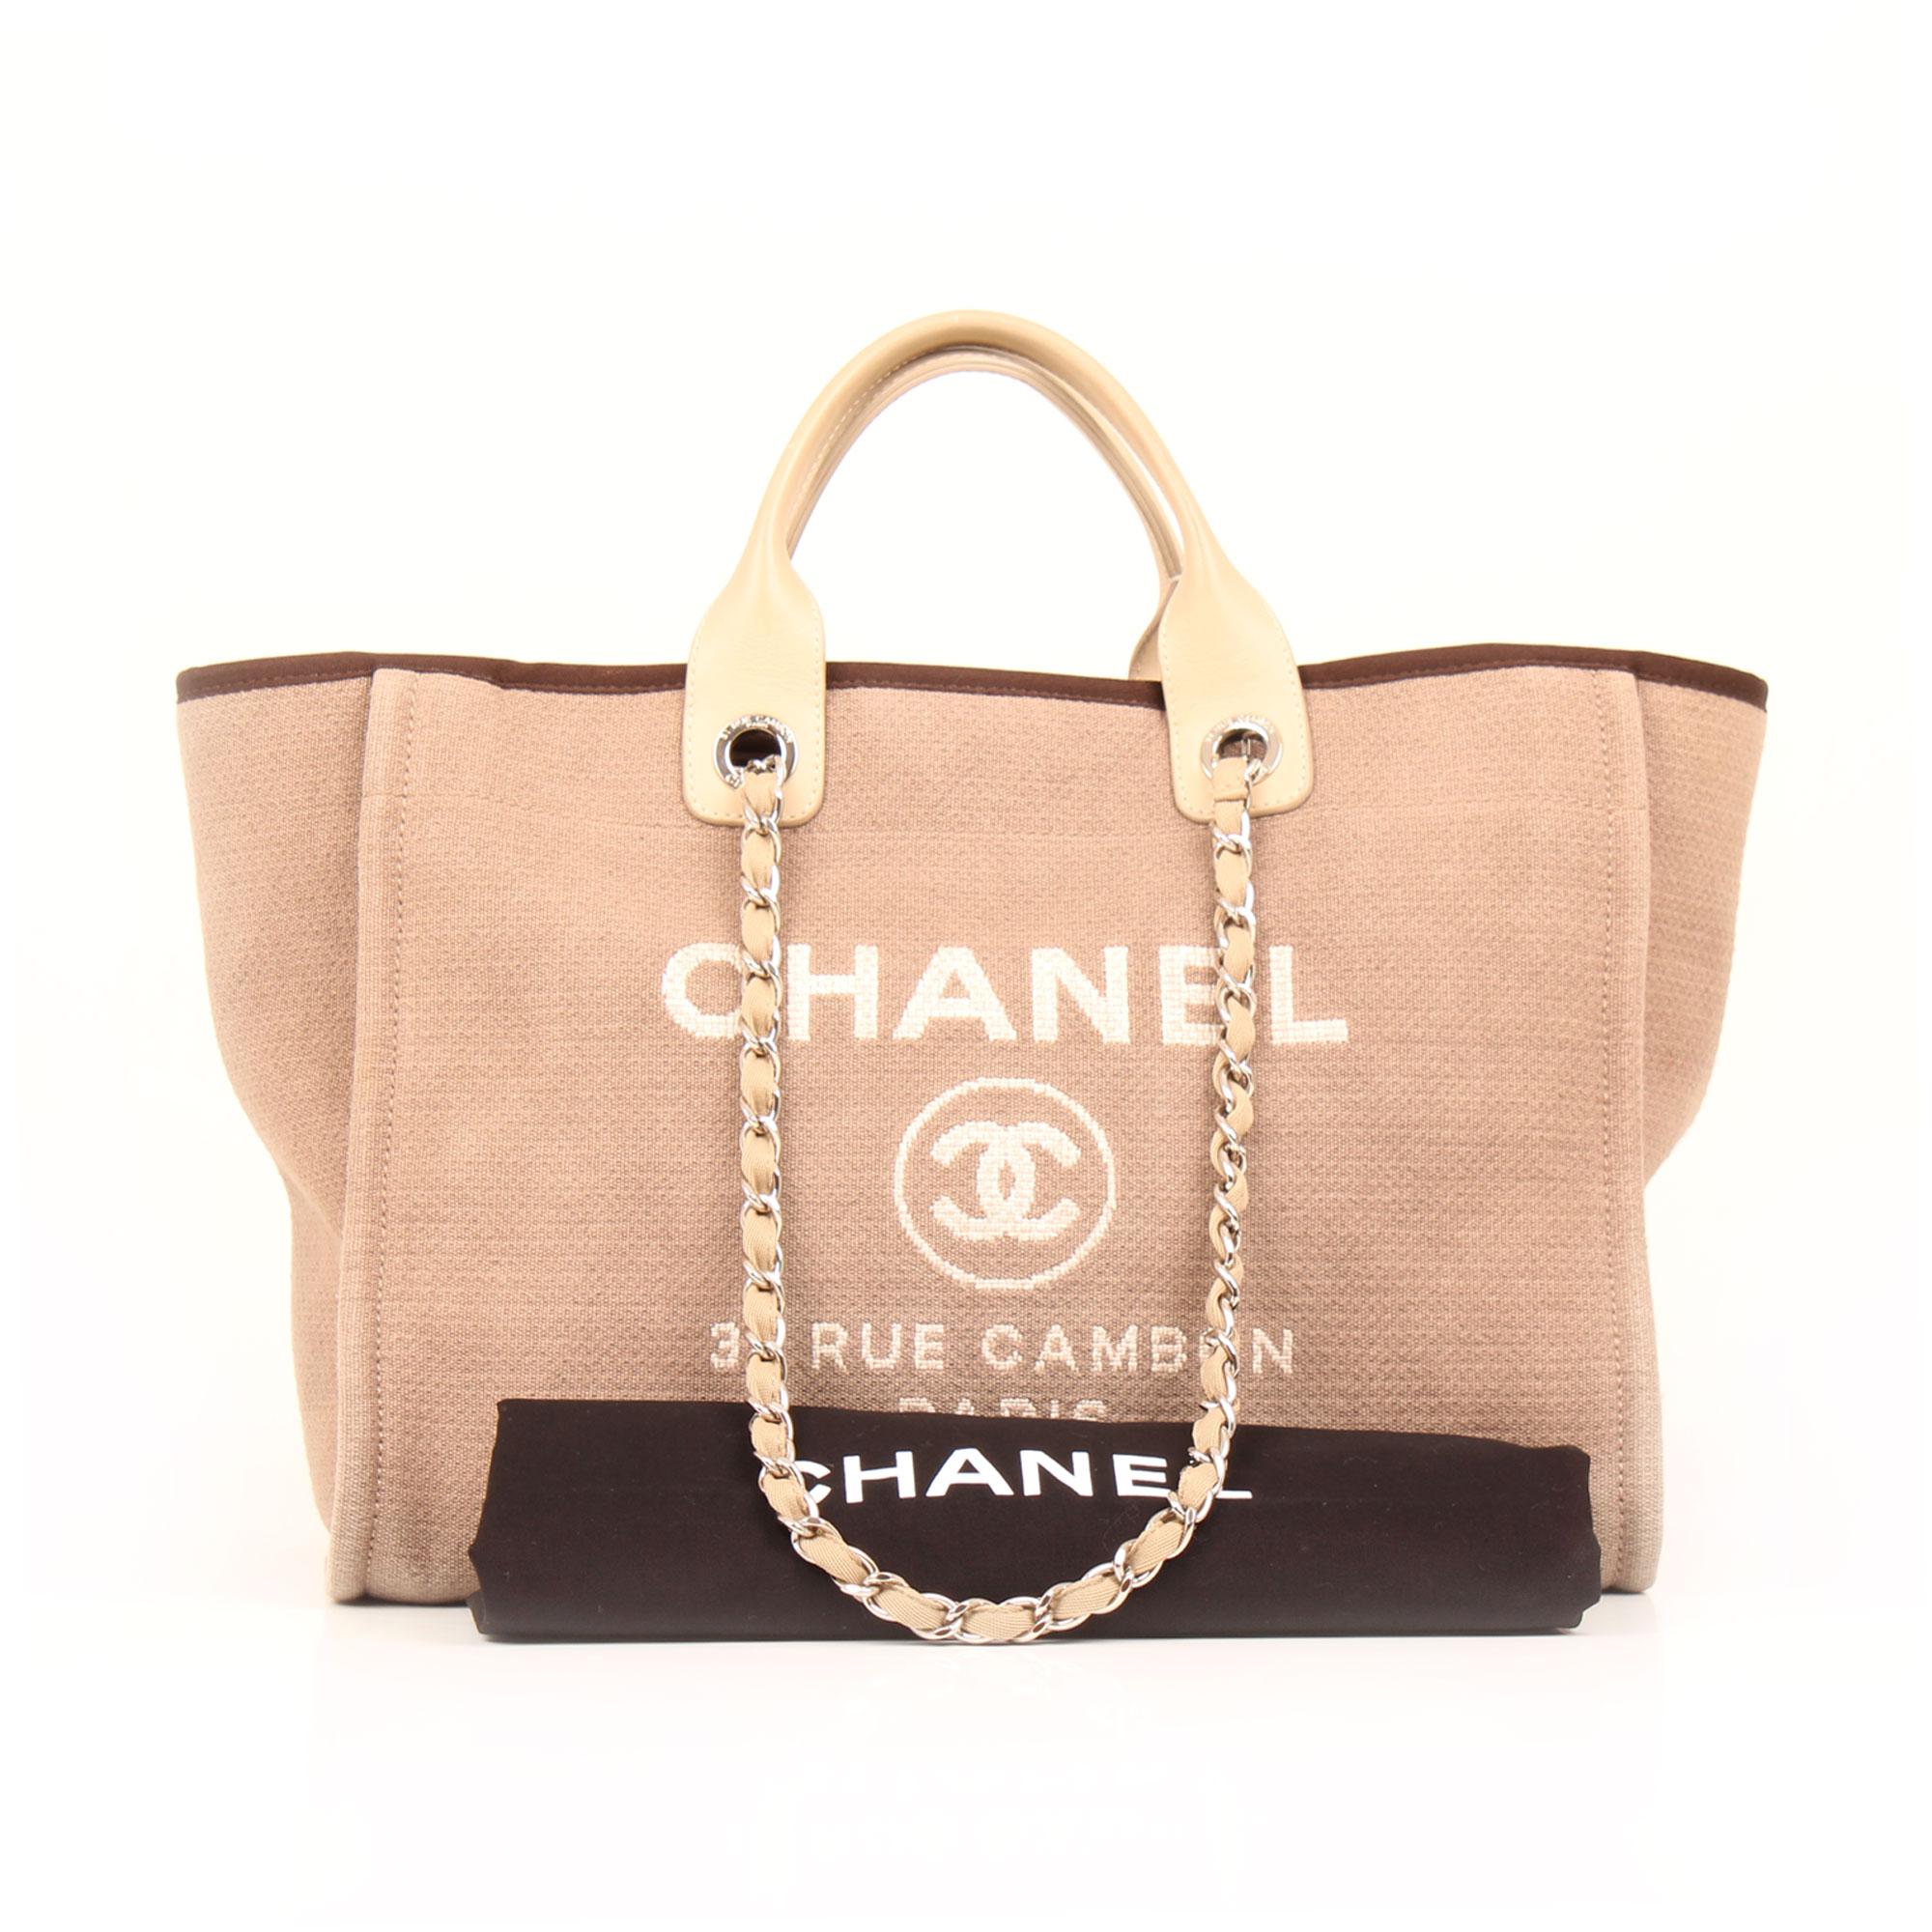 Imagen del dustbag del bolso chanel ecru deauville tote